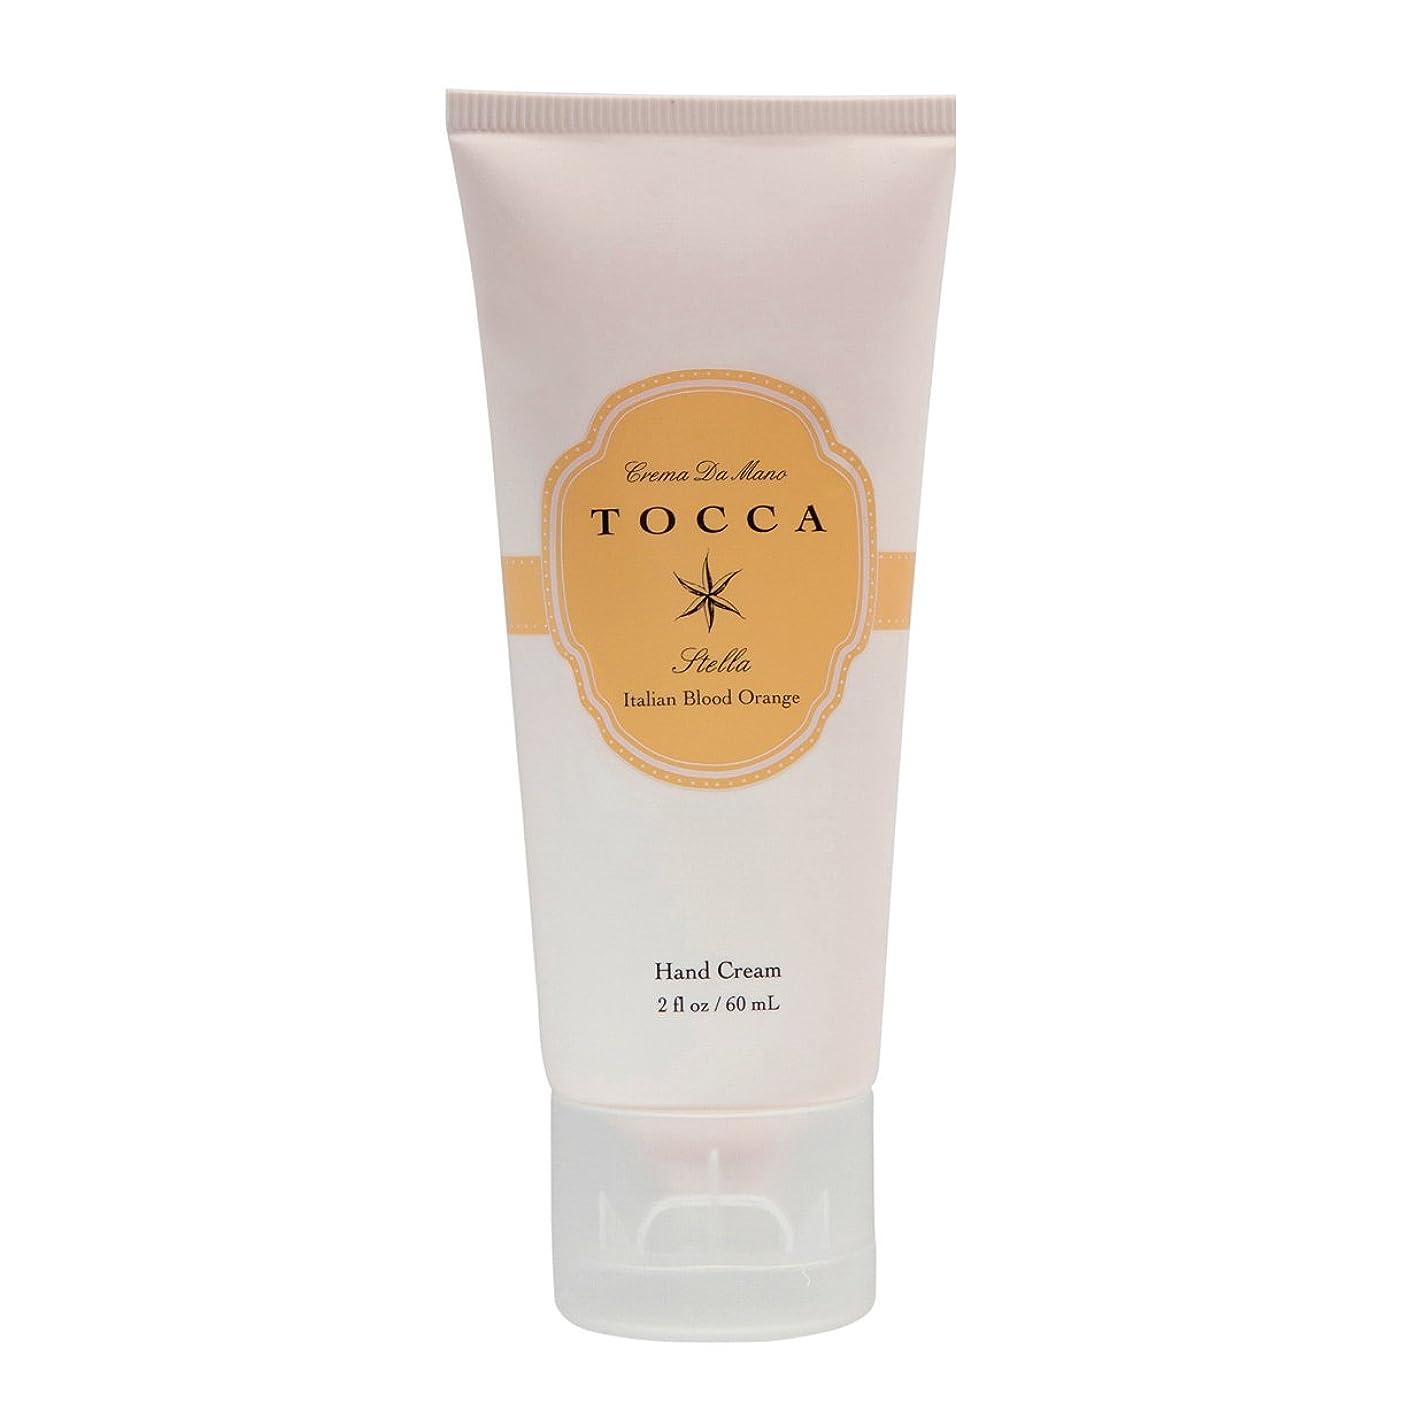 フライカイト百万スカリートッカ(TOCCA) ハンドクリーム  ステラの香り 60ml(手指用保湿 イタリアンブラッドオレンジが奏でるフレッシュでビターな爽やかさ漂う香り)